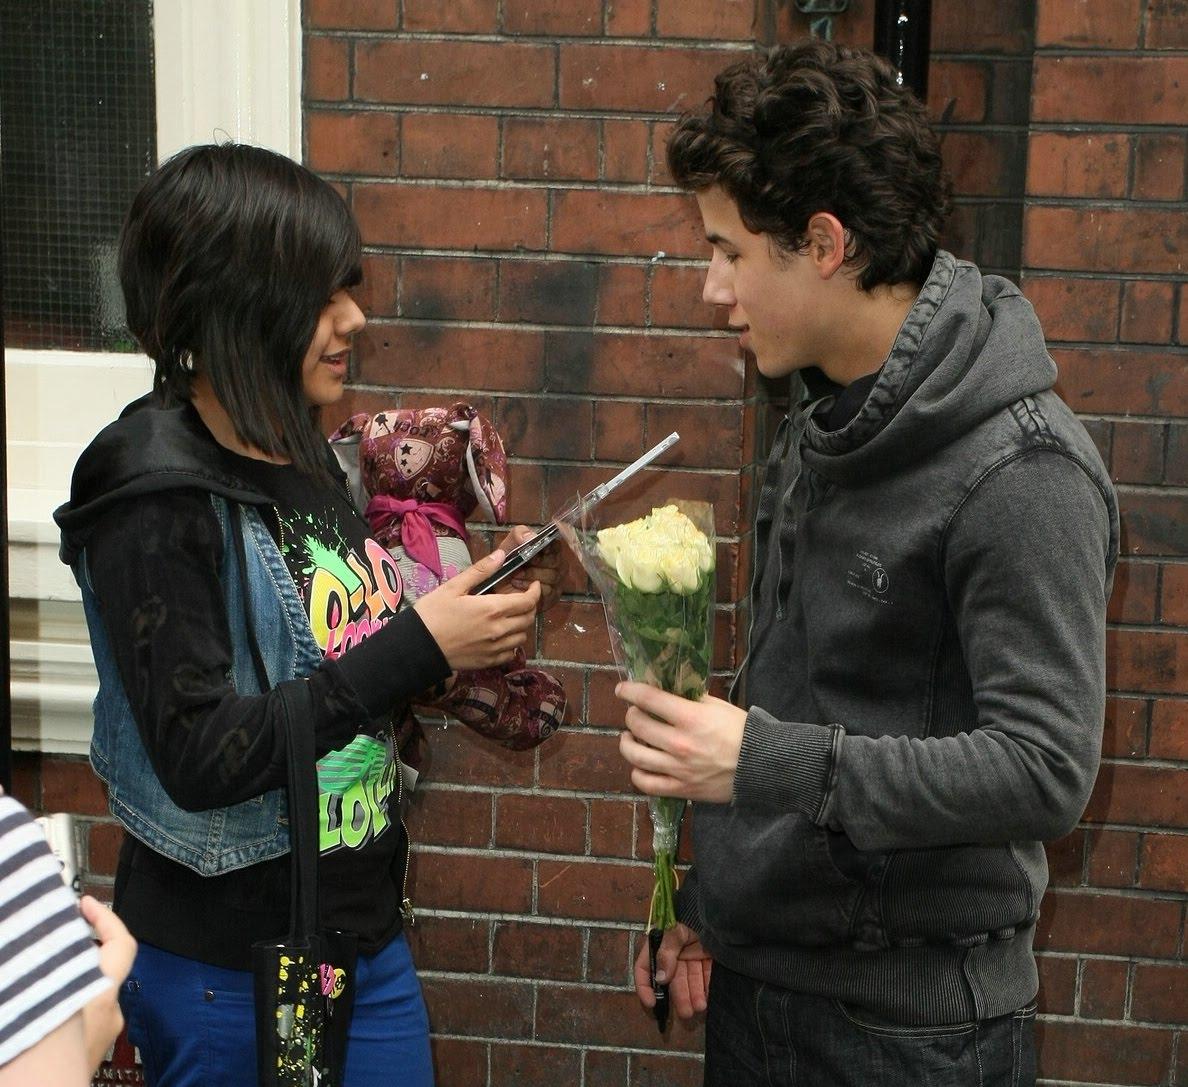 http://3.bp.blogspot.com/_4ipGhlEclT8/TBfINh5XdDI/AAAAAAAAObI/sZeFncwW30I/s1600/nick-jonas-flowers-fans-05-crop.jpg